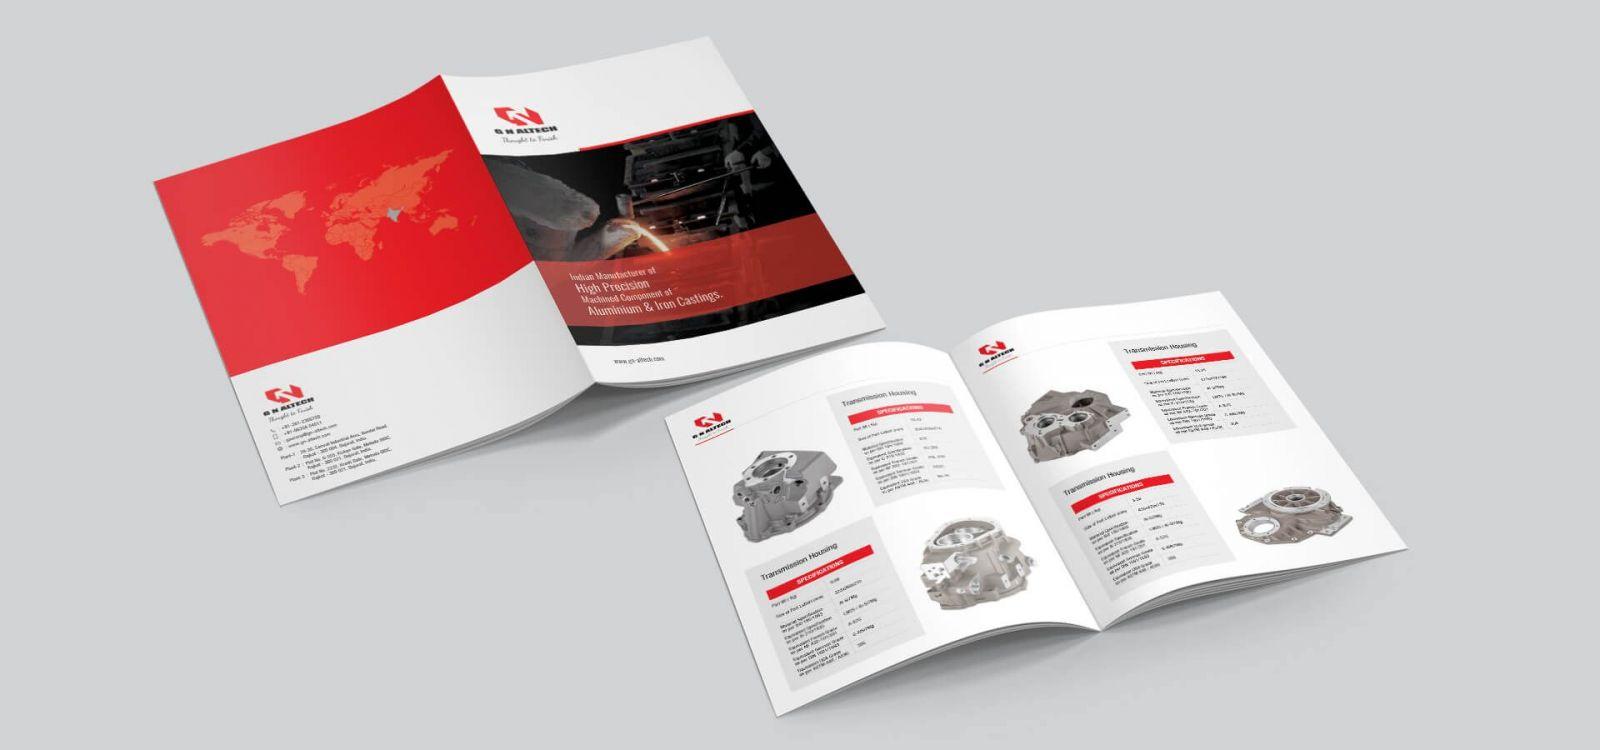 Catalogue là tài liệu quan trọng giới thiệu công ty, sản phẩm